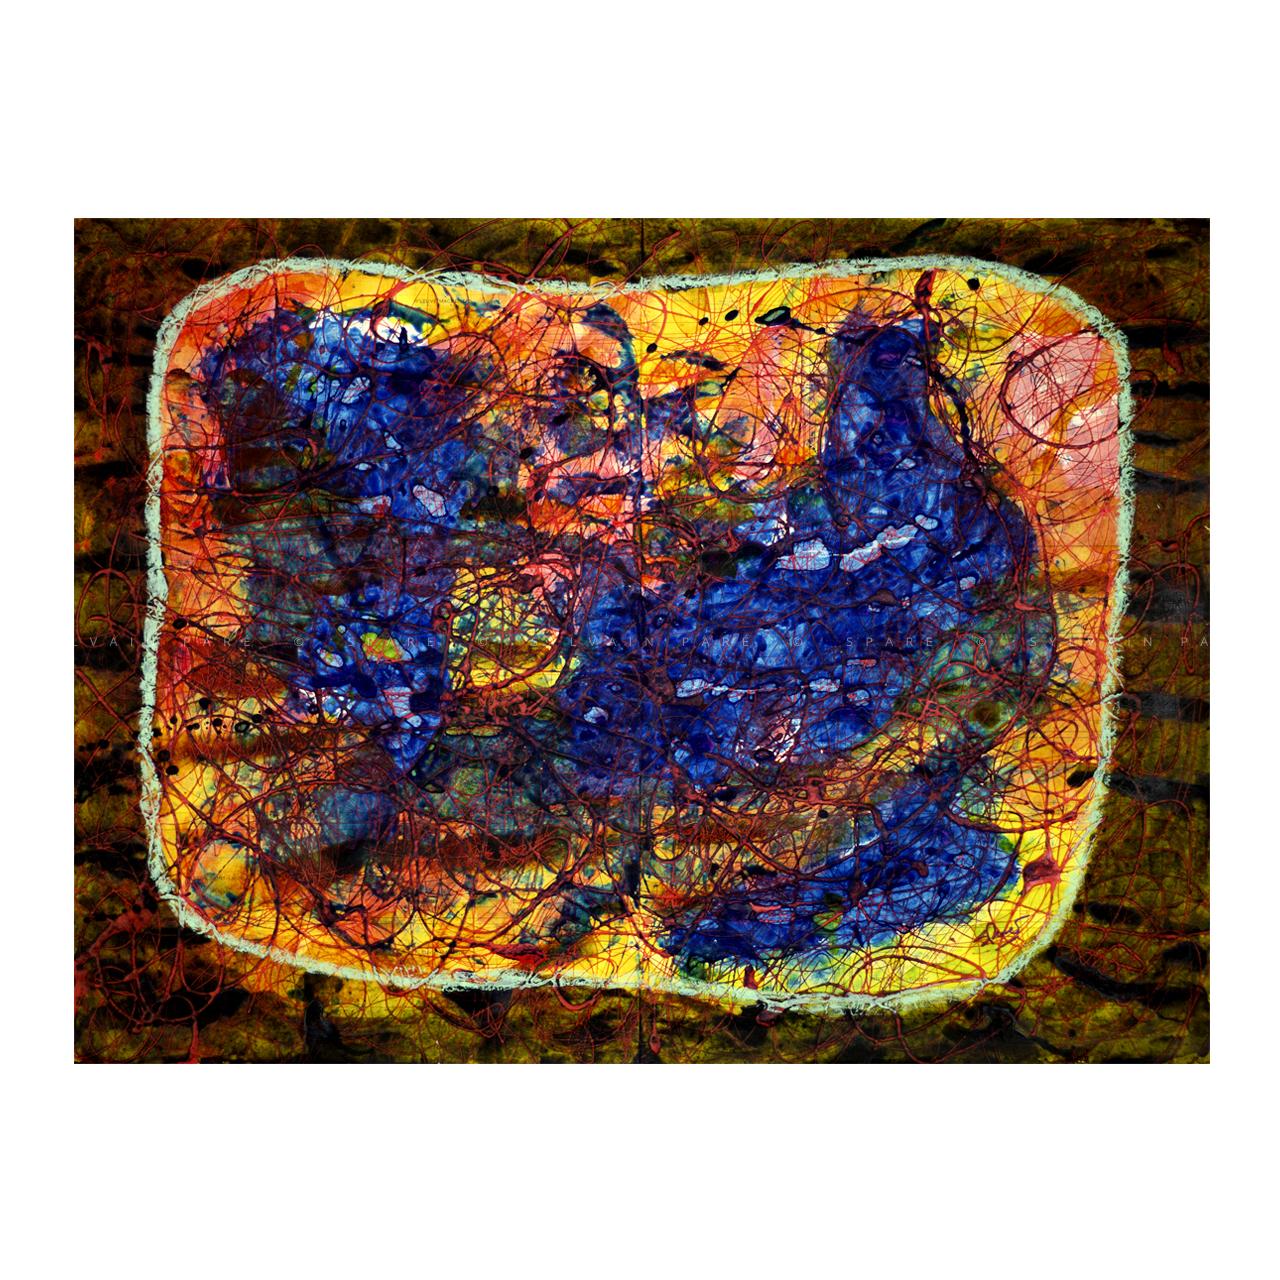 sylvain-pare-spare-artwork-1280x1280_IMG_0131.jpg